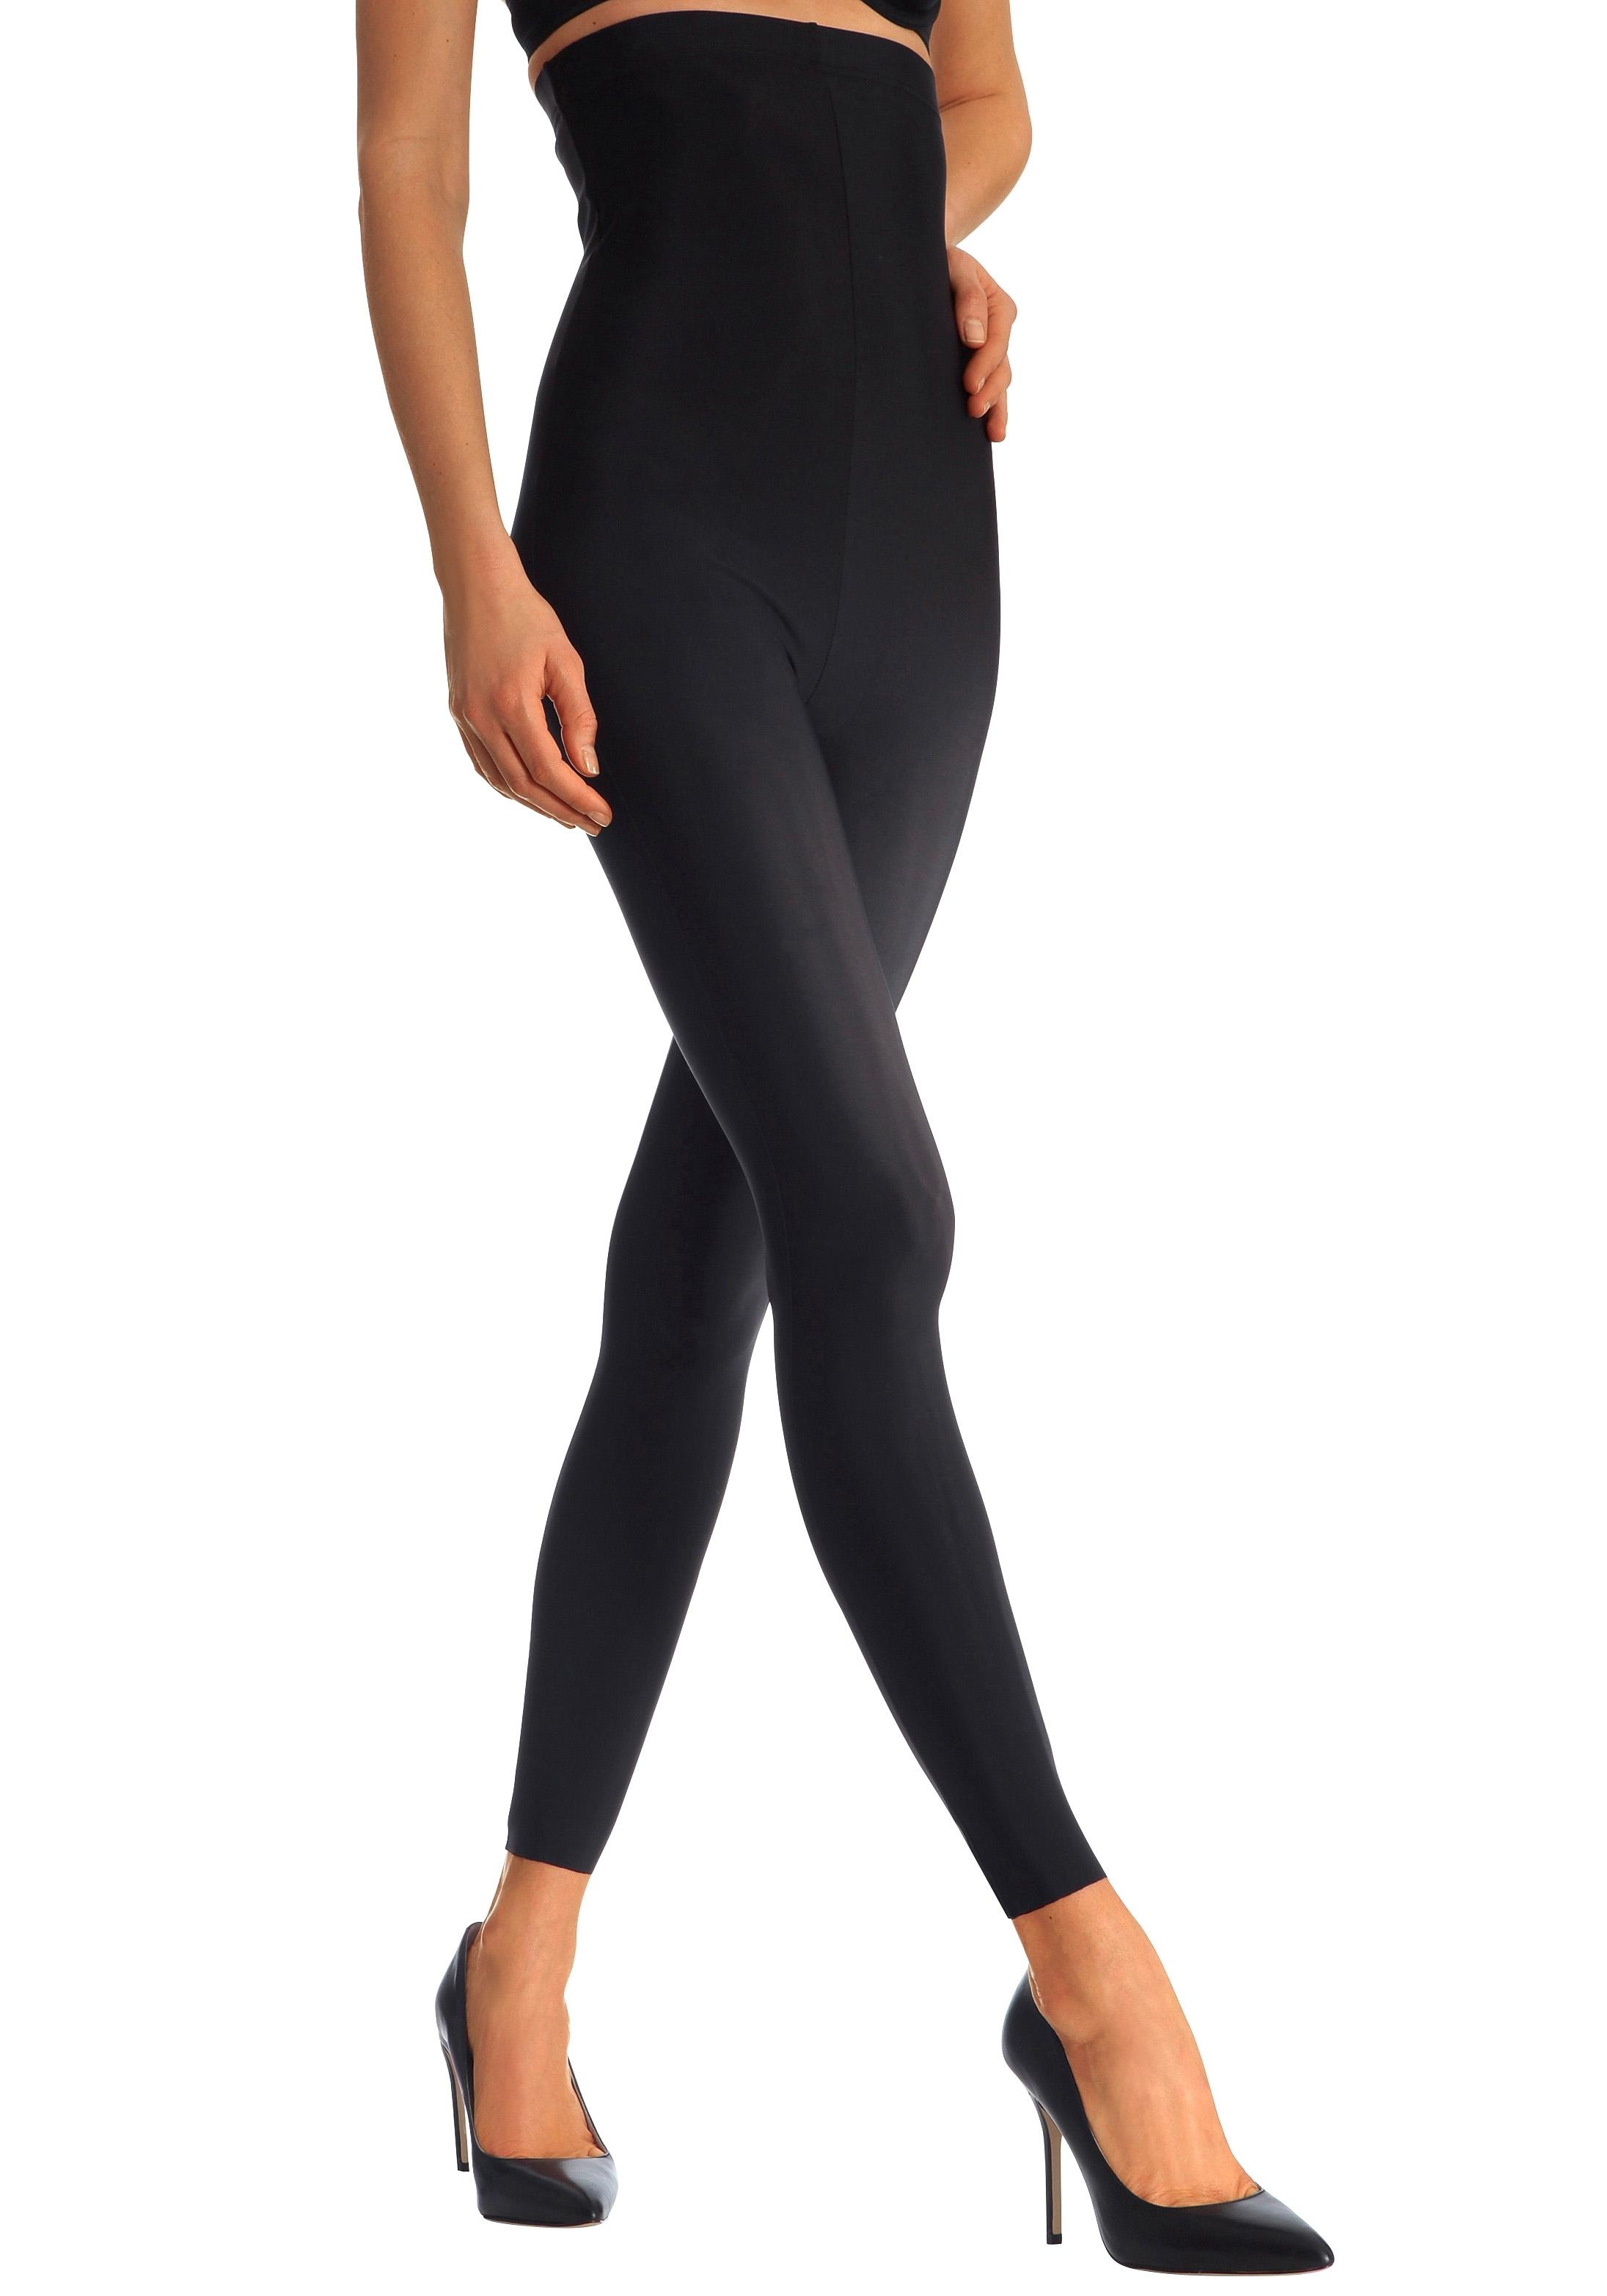 LASCANA Bodyforming-legging in badpakkwaliteit in de webshop van OTTO kopen